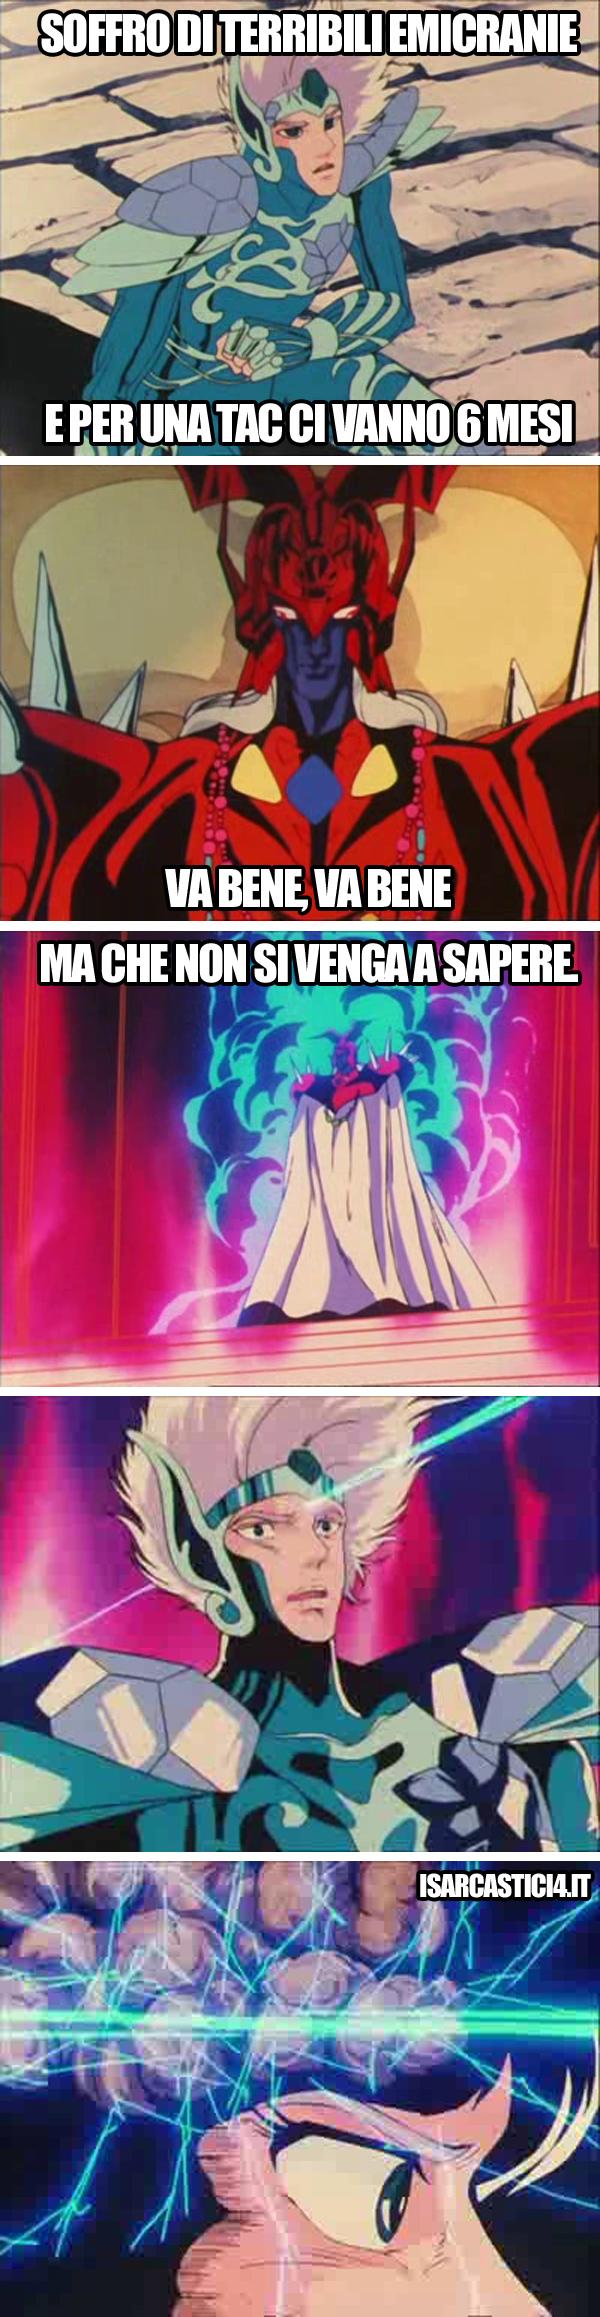 Cavalieri dello zodiaco meme ita - Emicranie